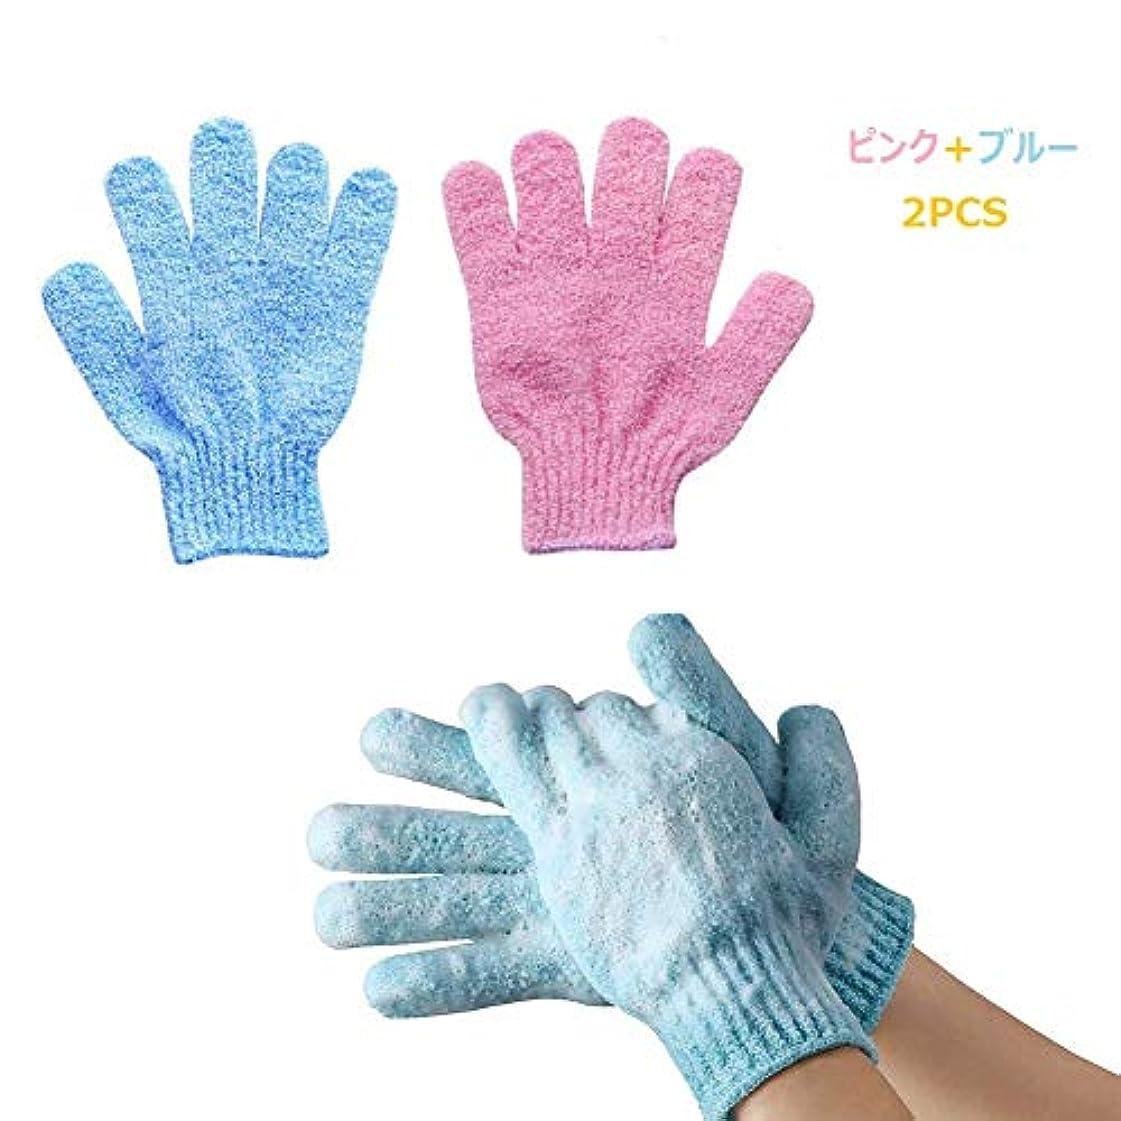 来てブル深めるROOFTOPS お風呂手袋 五本指 シャワーグローブ 泡立ち 柔らかい 入浴用品 角質除去 垢すり 2PCS (ピンク+ブルー)